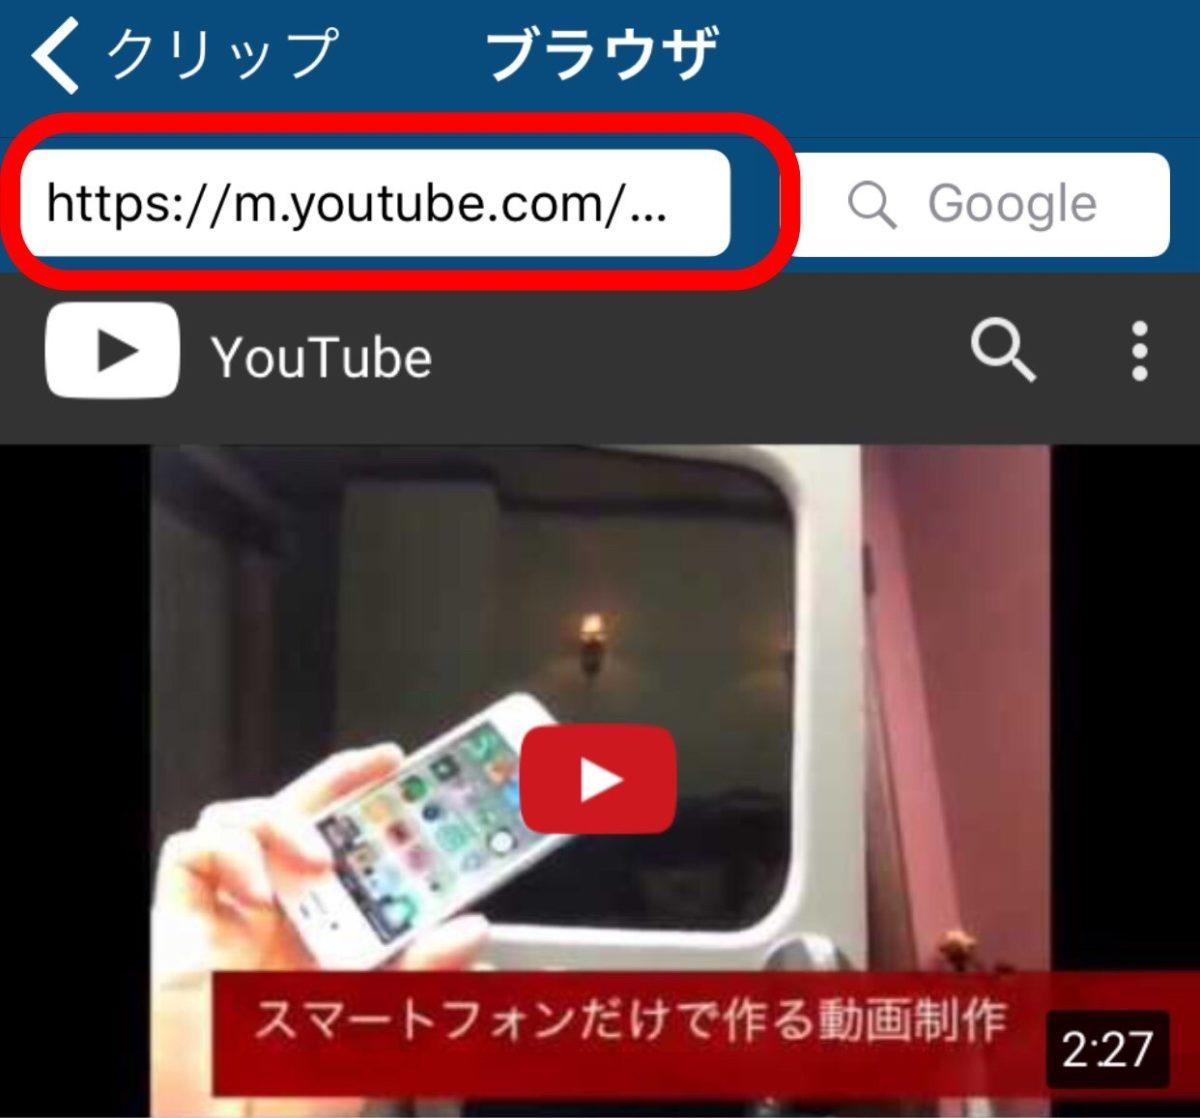 Clipbox 動画表示画面